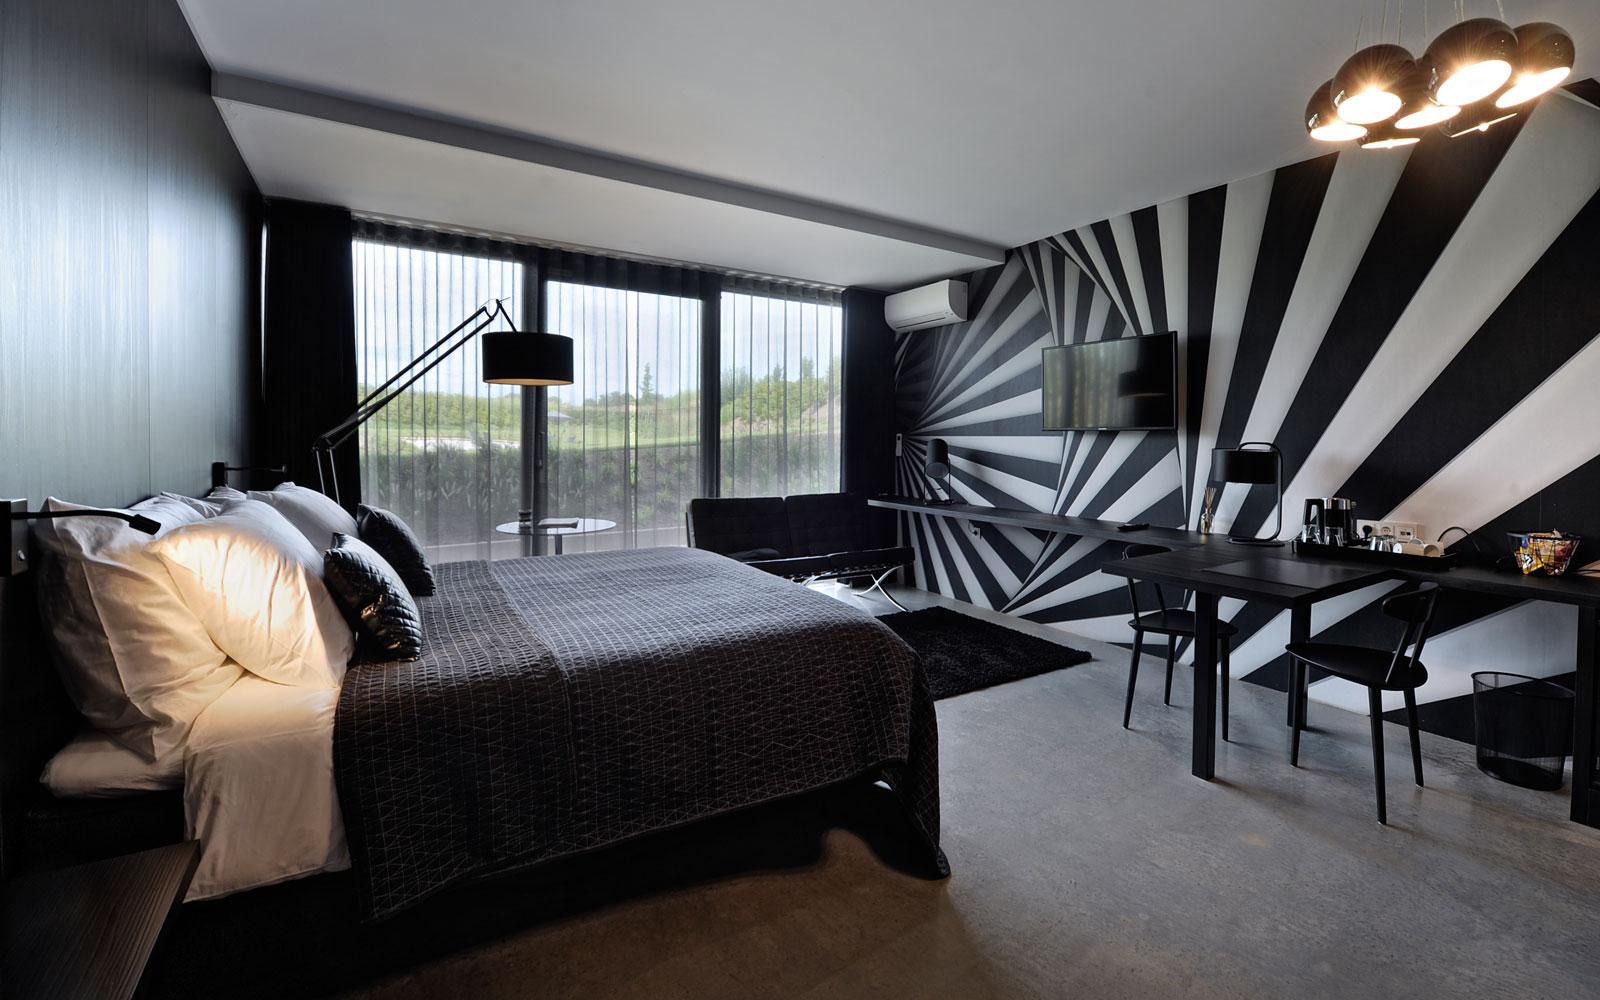 Slaapkamer, bed, Auping, donkere kleuren, behang, grote ramen, La Marquise, Hertroijs Architekten